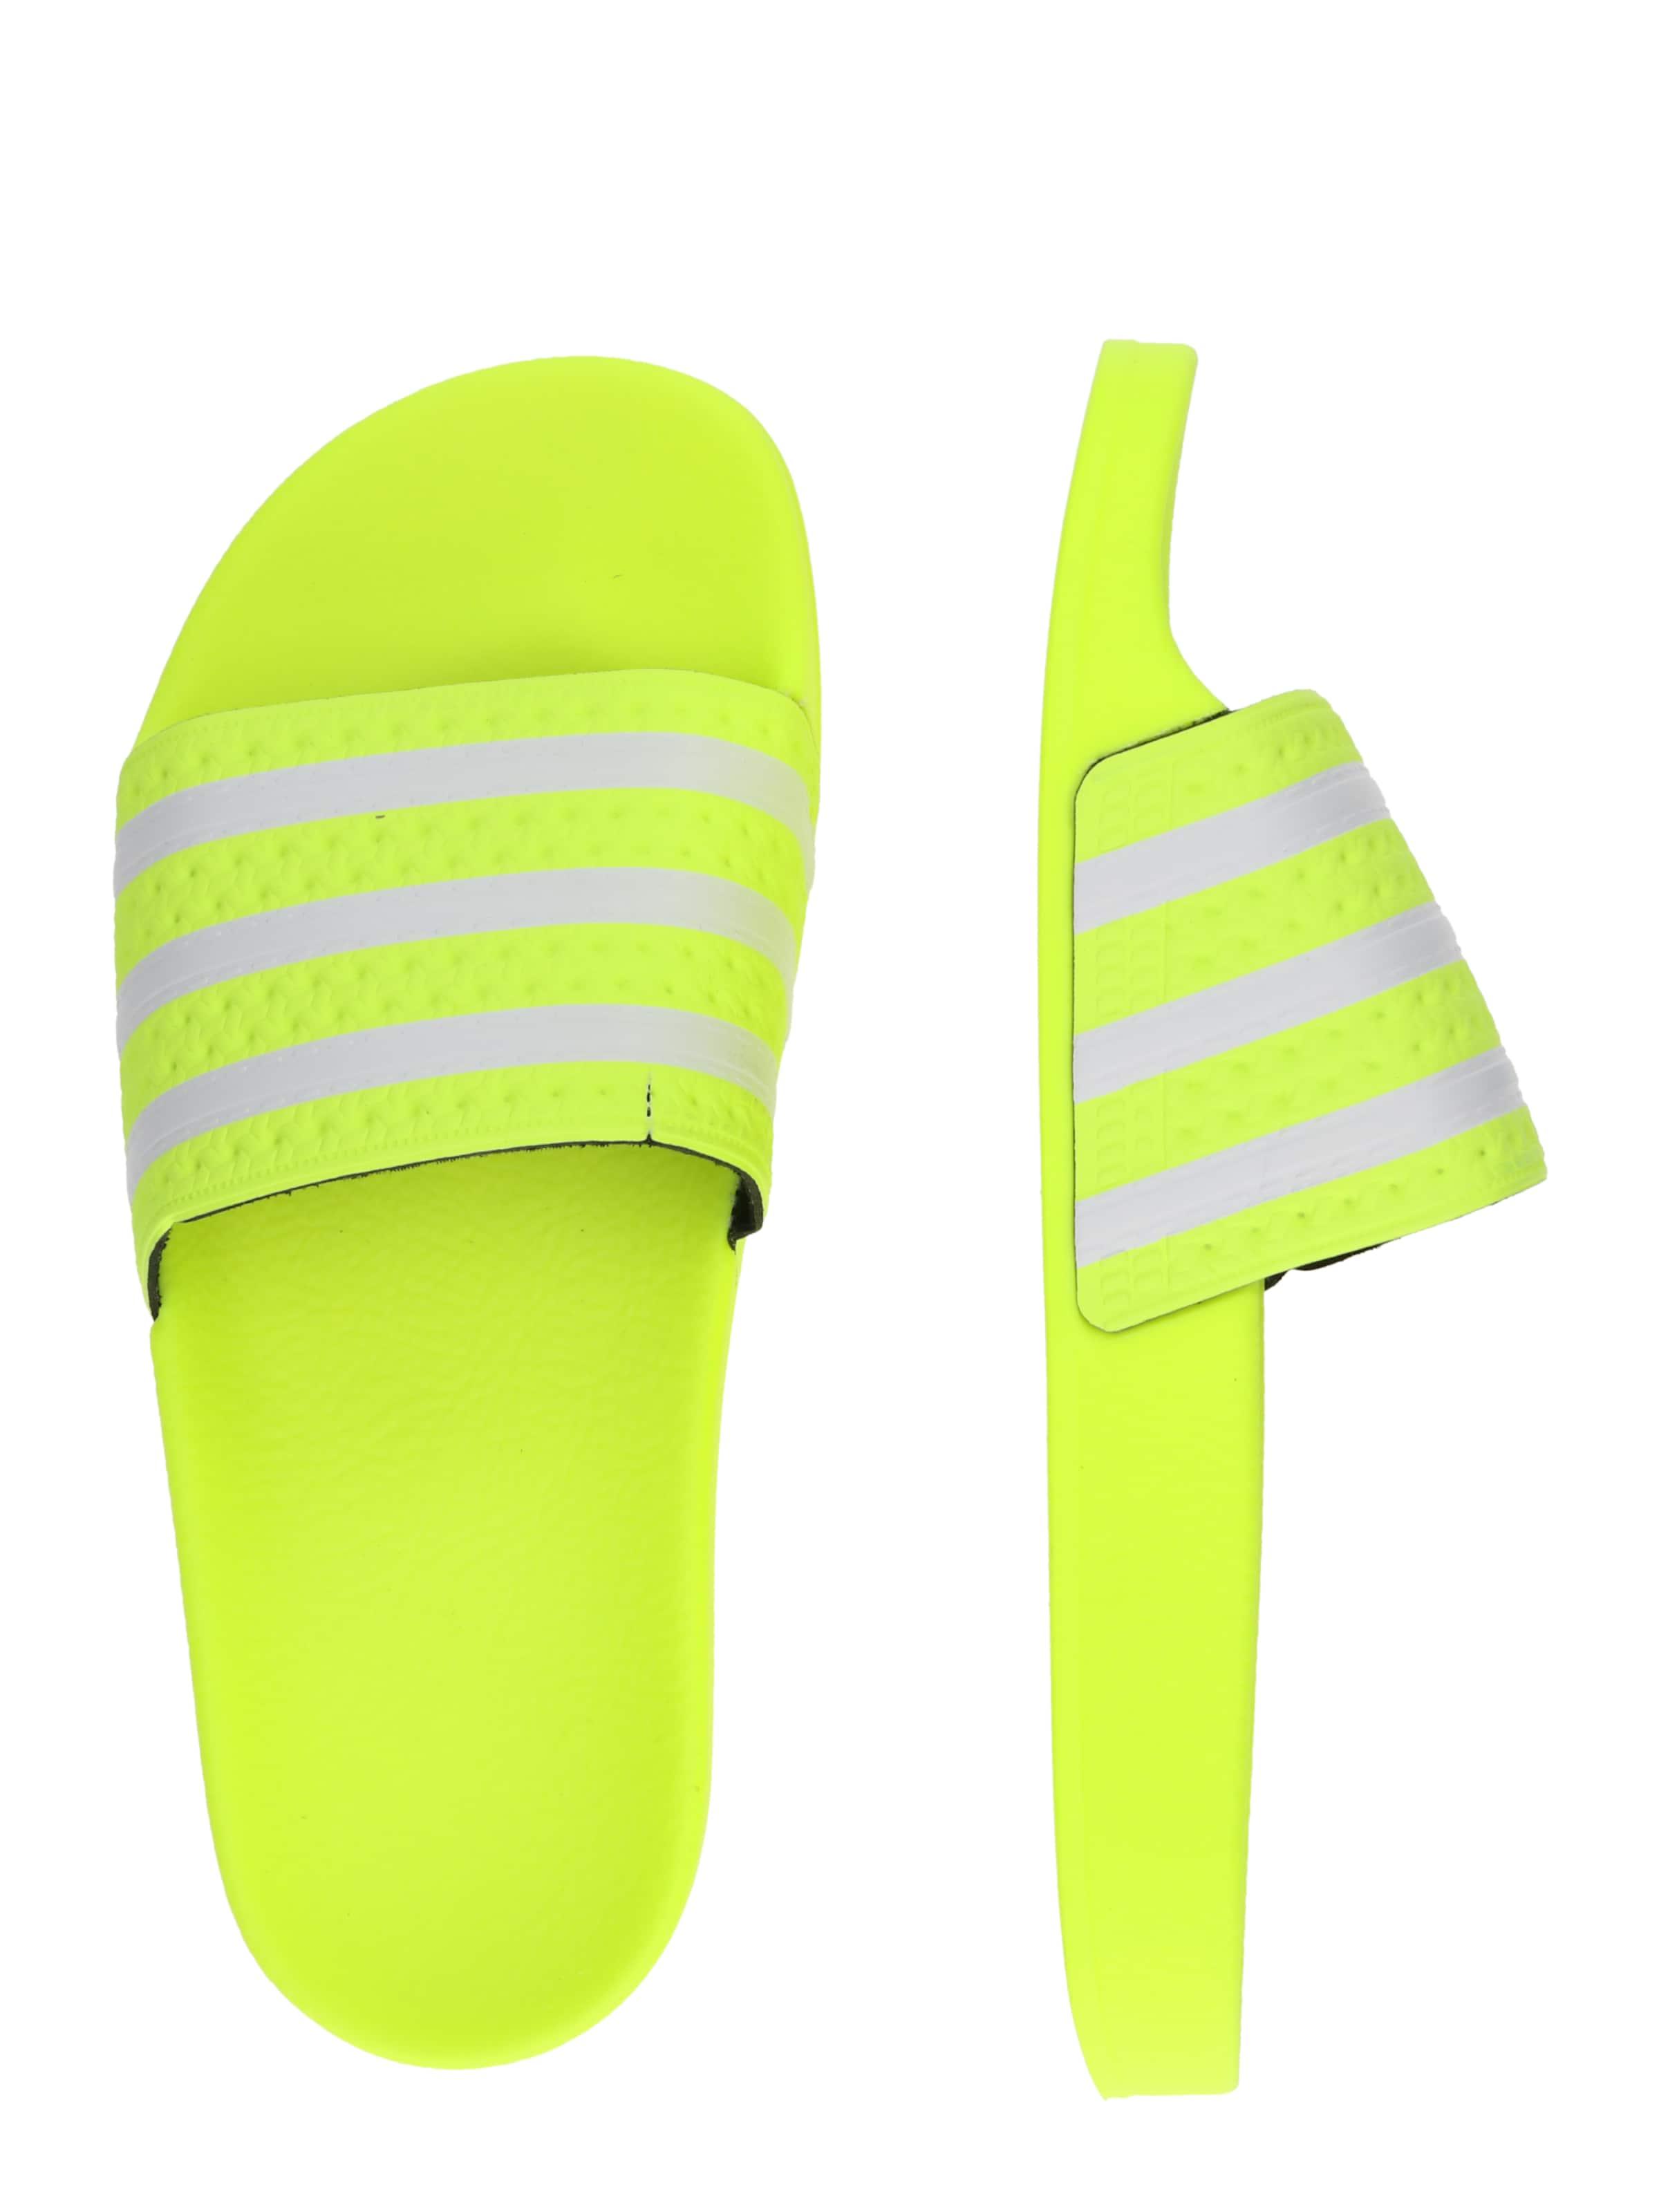 Adilette Adidas In In GelbHellgrau Originals Originals Adidas Originals Adidas In Adilette GelbHellgrau Adilette 8wOPkX0n